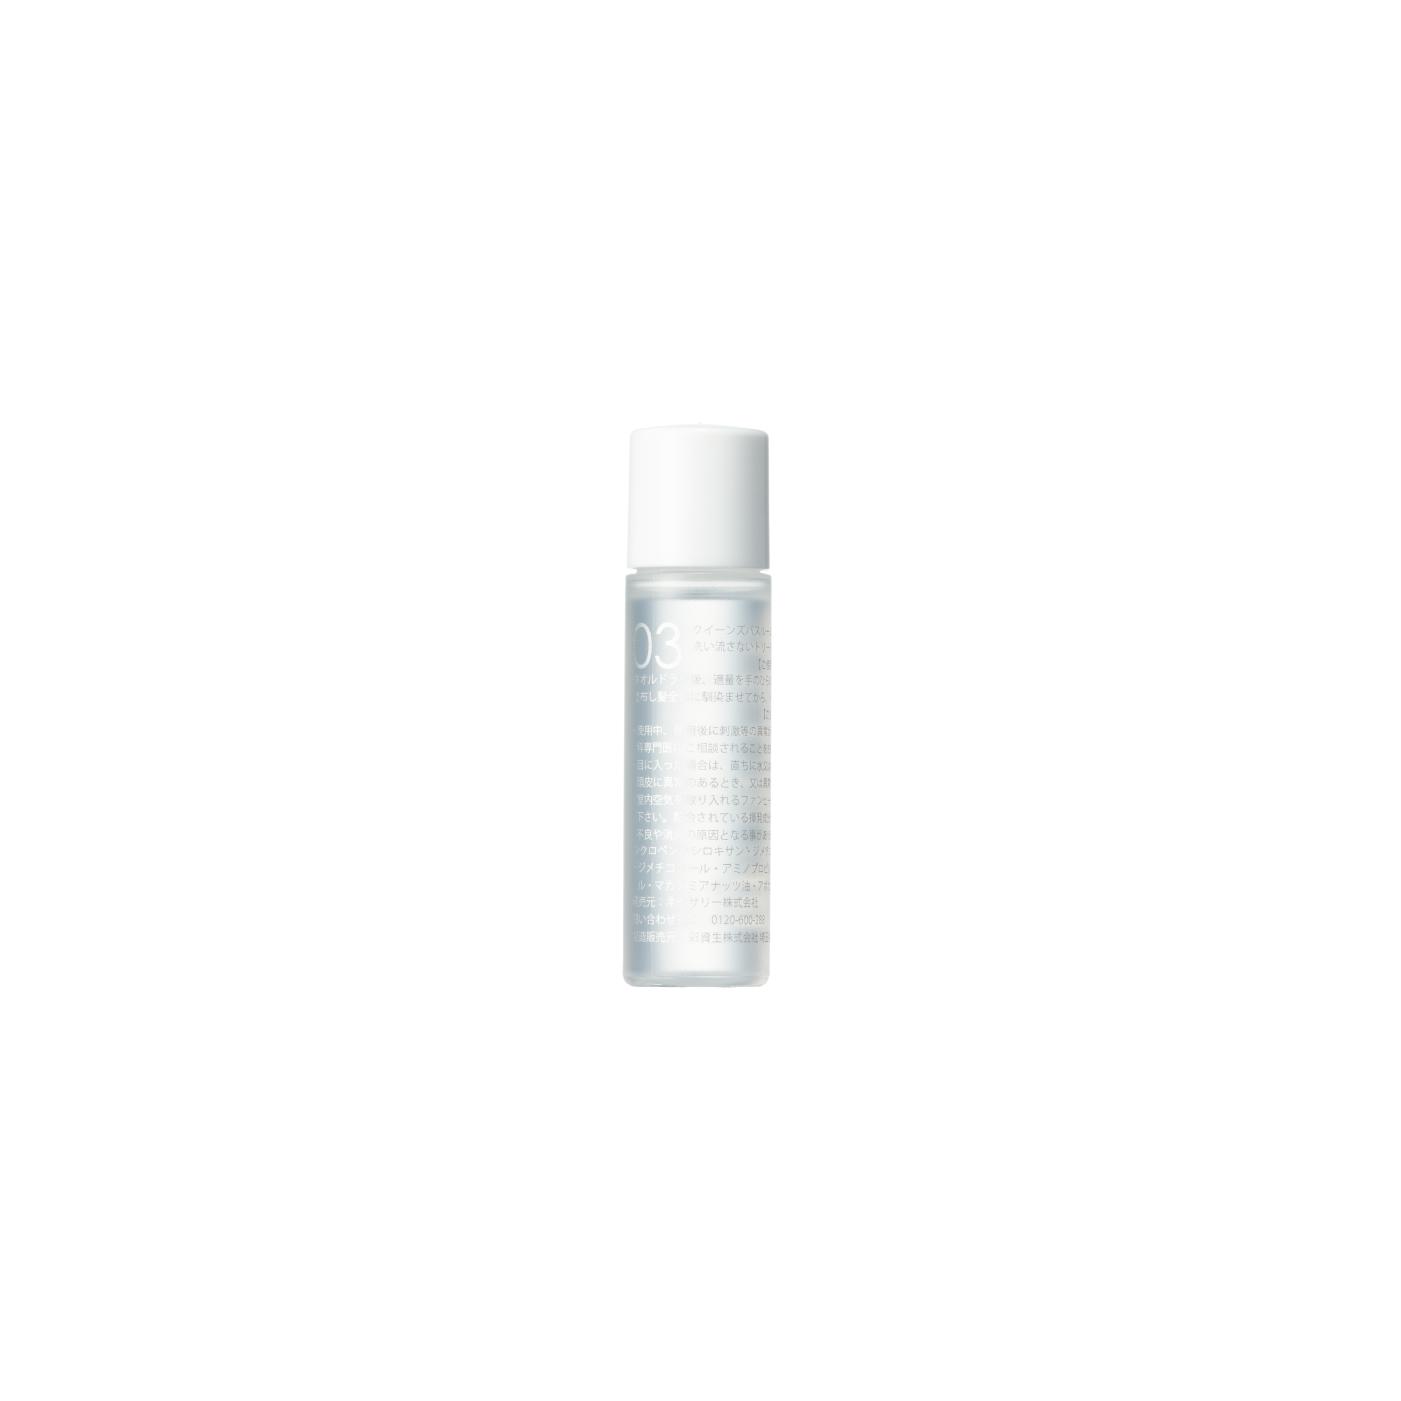 ● アメイジングシャインヘアオイル(サンプルサイズ/メール便配送) 10ml      (管理番号  6 )